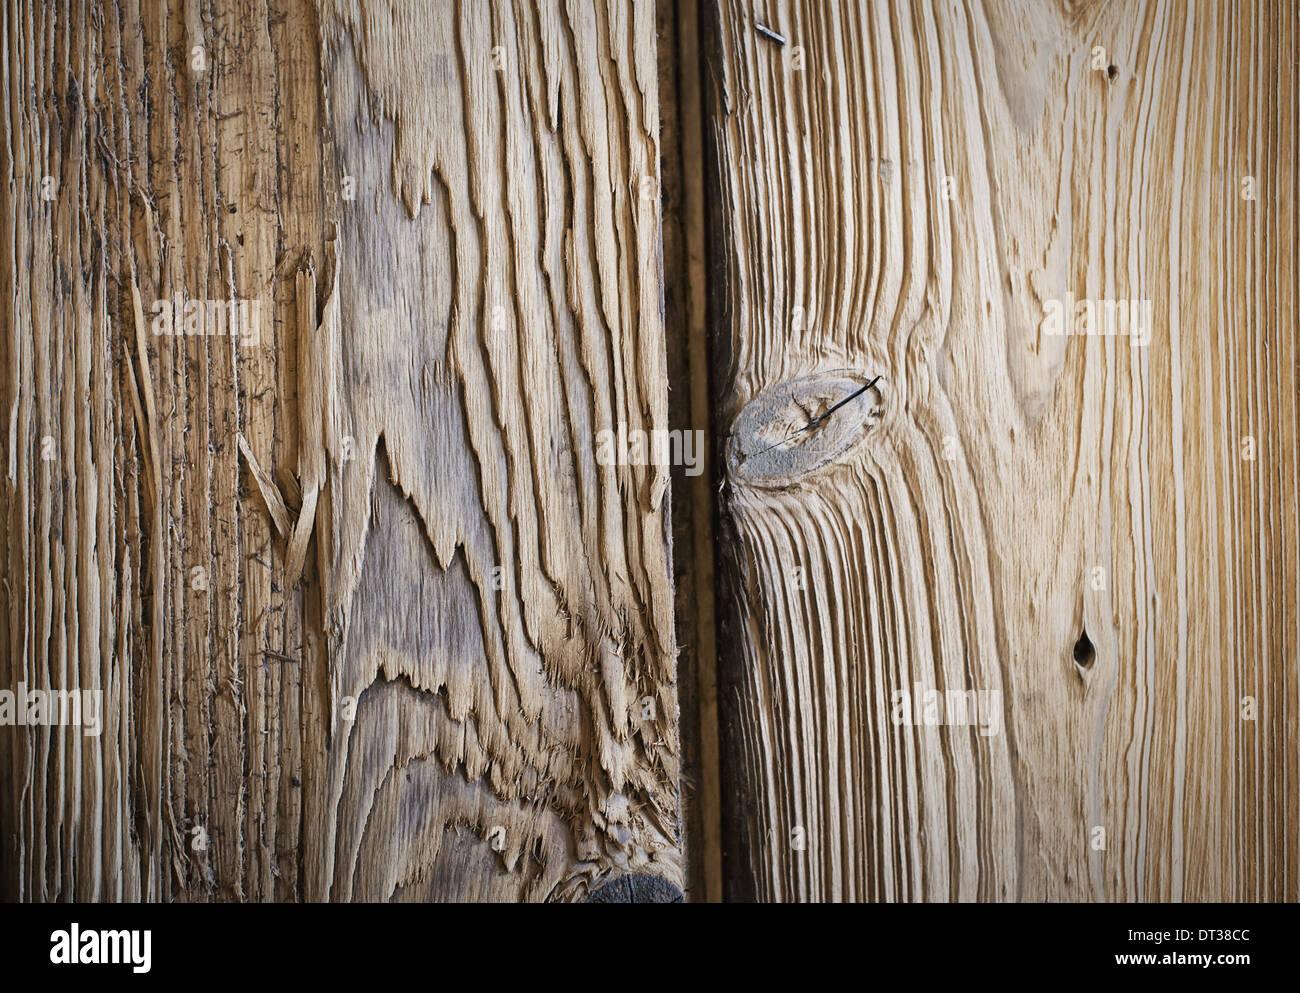 Ein neu gewonnenem Holz Workshop. Nahaufnahme von zwei Holzplatten, mit Ästen und Holz Maserungen. Stockbild